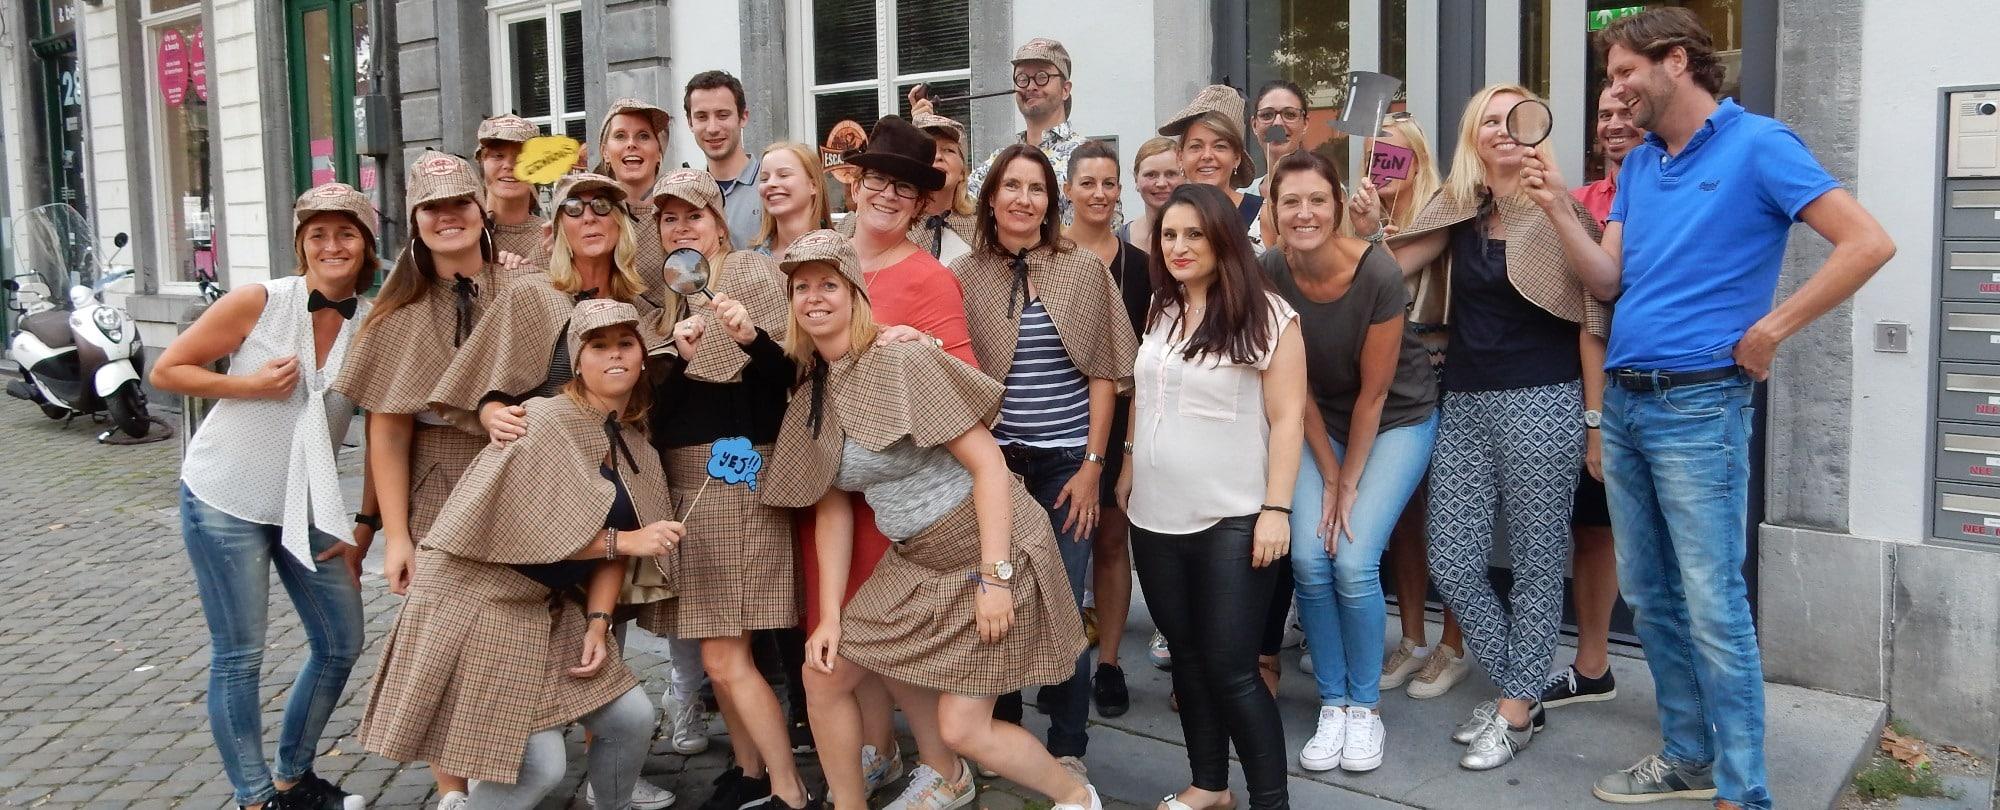 Escape room Maastricht - groepsactiviteit tot 36 personen